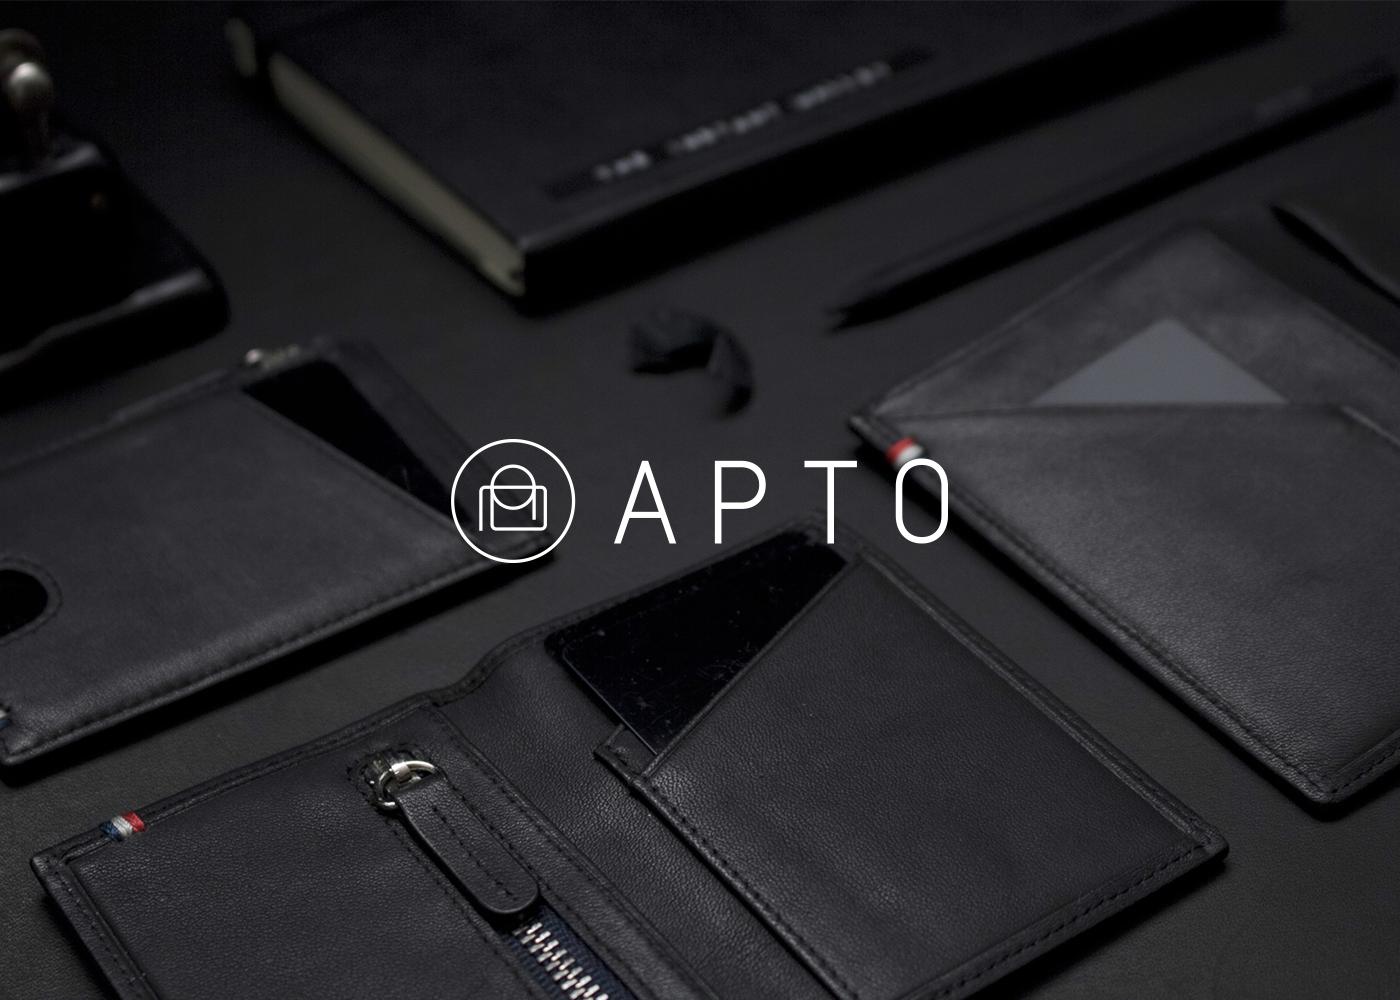 apto-black-logo